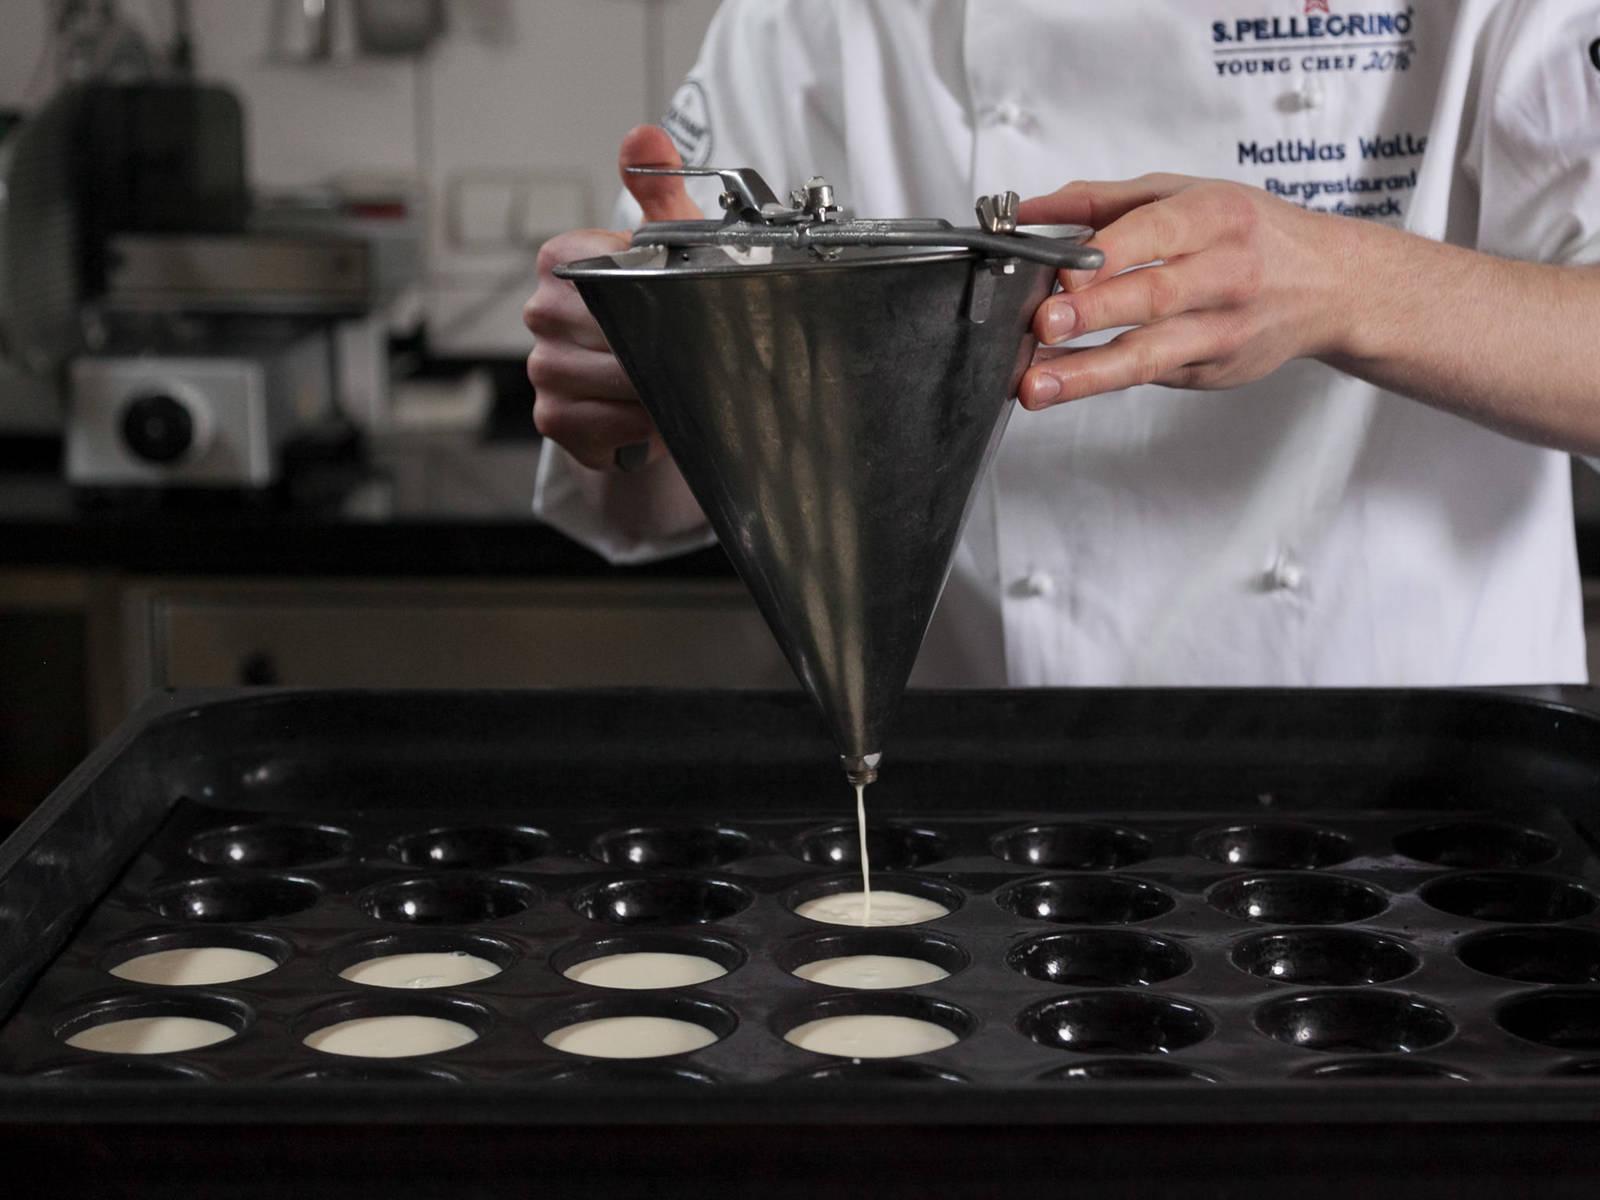 Gelatine in einer Schüssel mit kaltem Wasser einweichen. Spargel-Sud durch ein feines Sieb passieren. Die Gelatine-Blätter ausdrücken und in dem warmen Spargelfond auflösen. Mit Zucker, Salz und Pfeffer abschmecken. Die Flüssigkeit mit Hilfe eines Messbechers in kleine Förmchen füllen und über Nacht oder für ca. 6 - 8 Stunden kalt stellen, bis die Panna-Cotta-Masse angezogen ist.